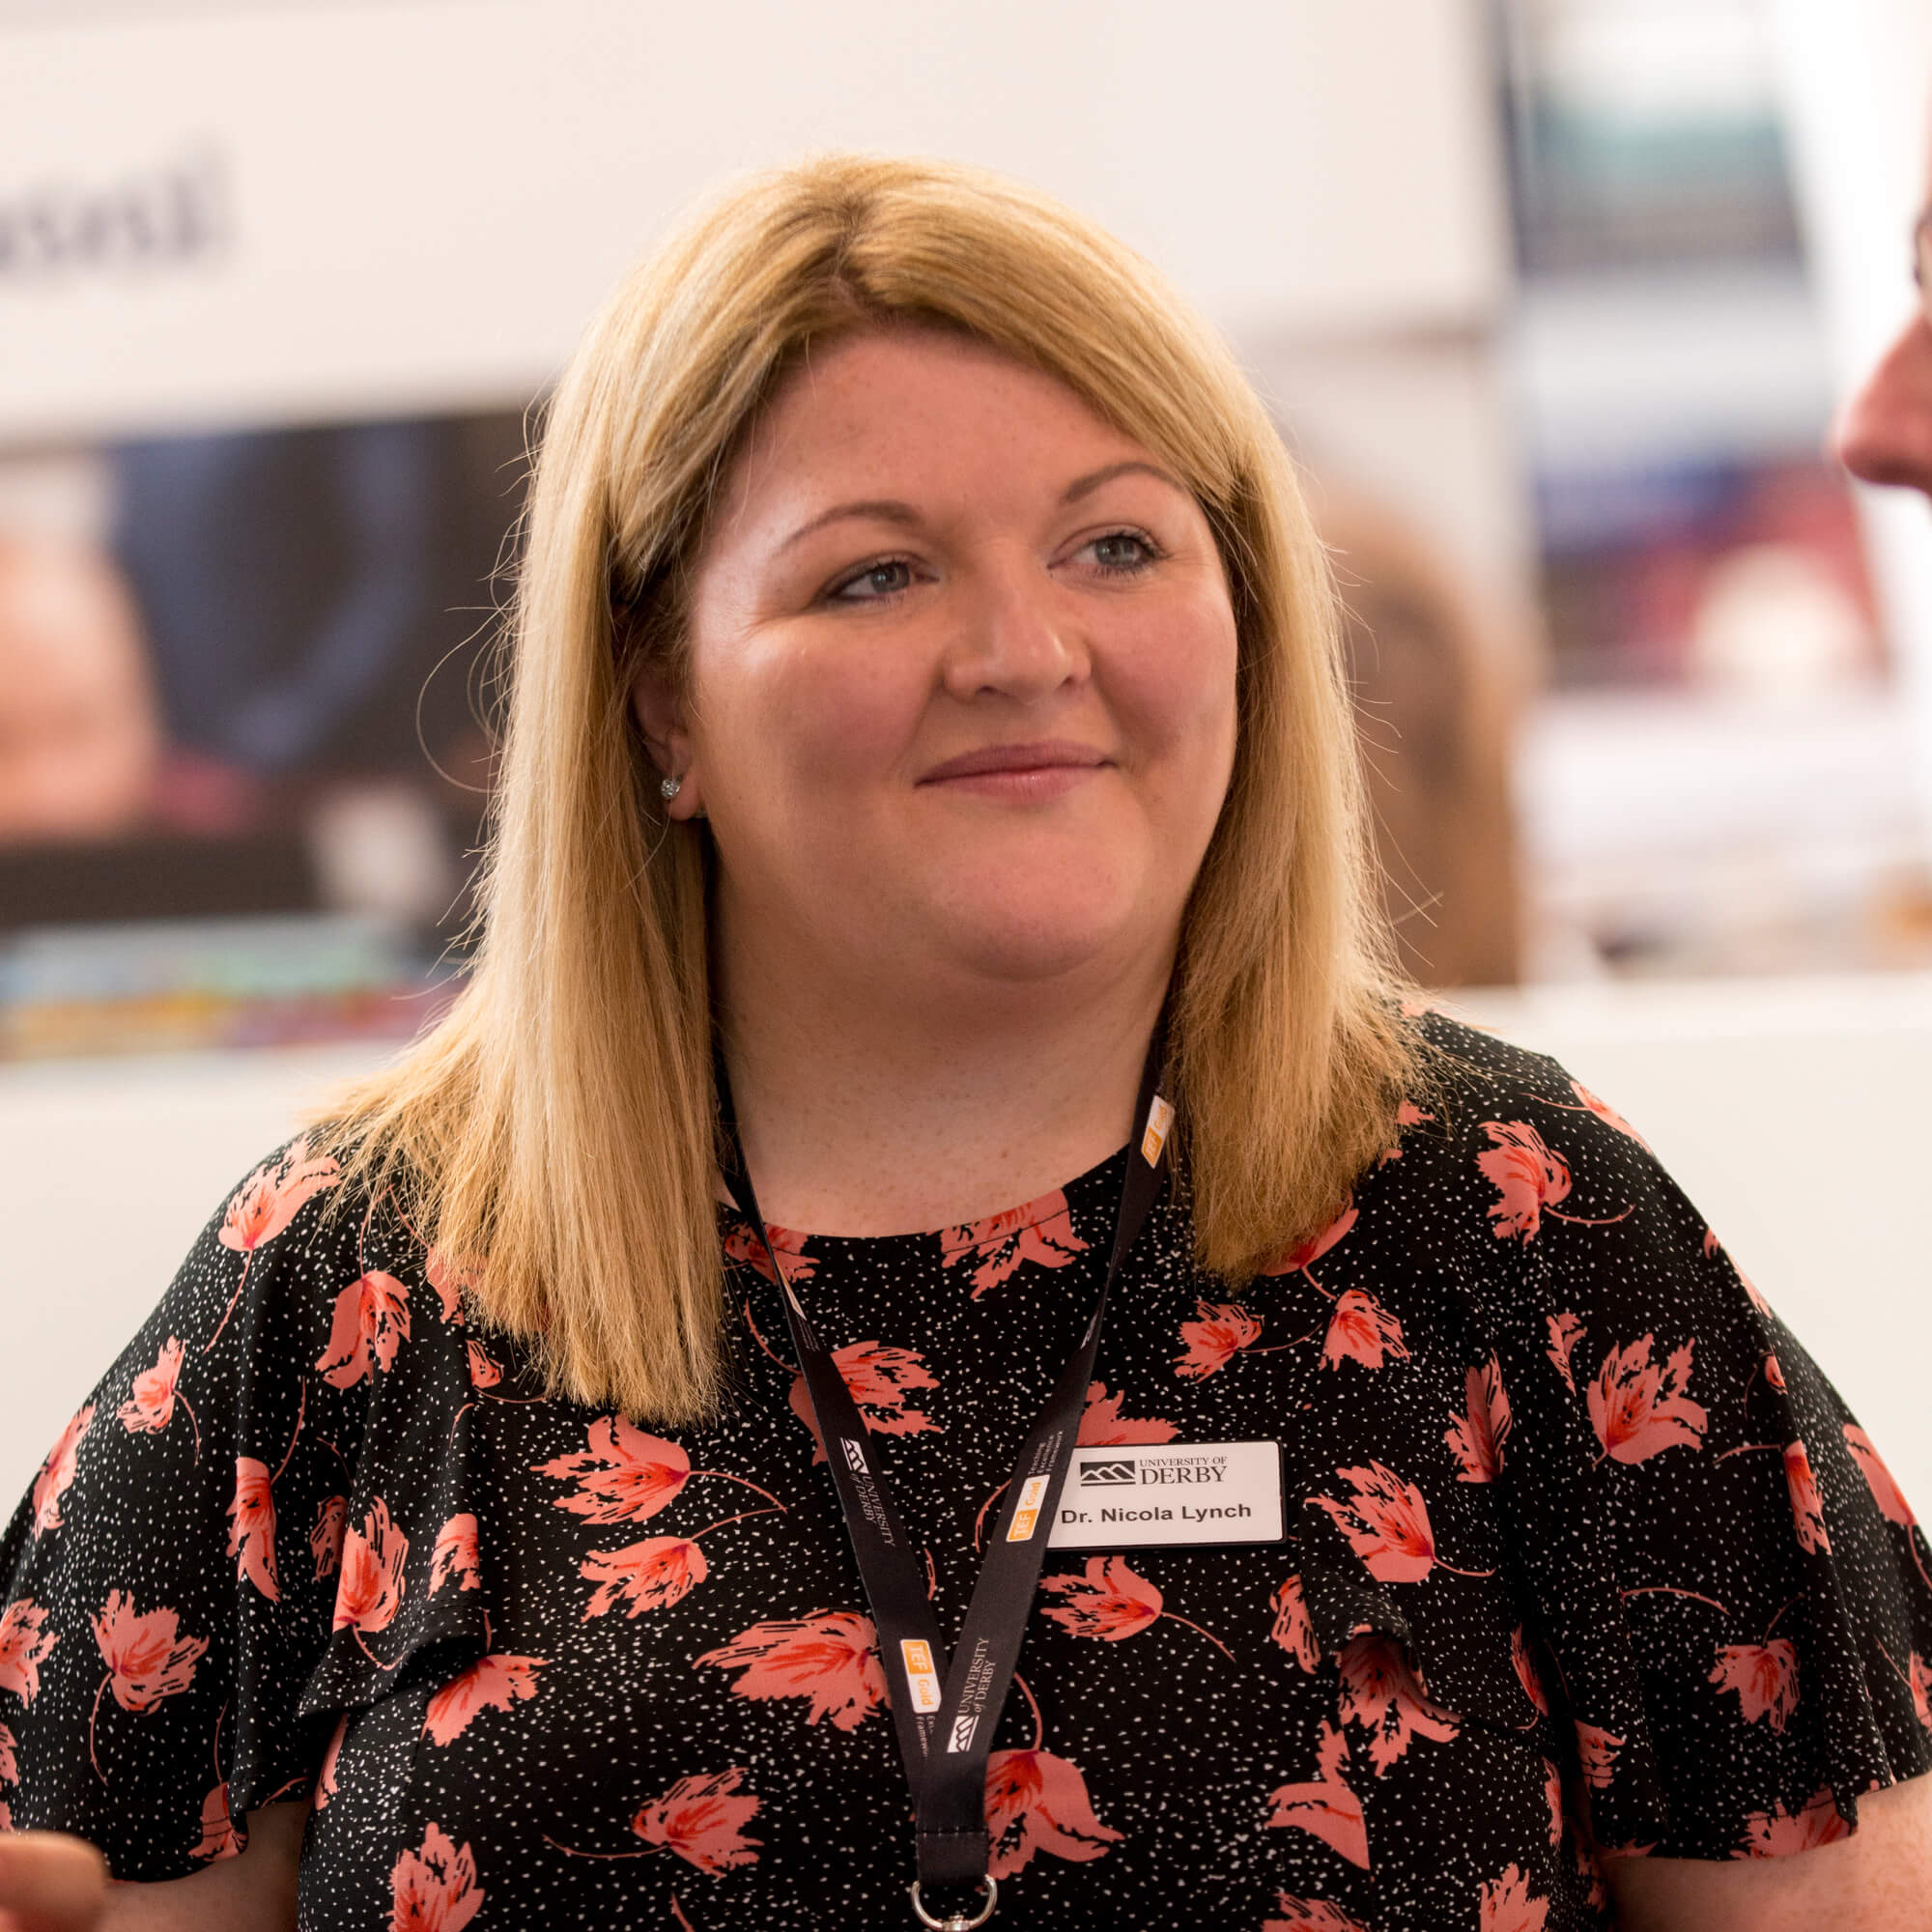 Dr Nicola Lynch